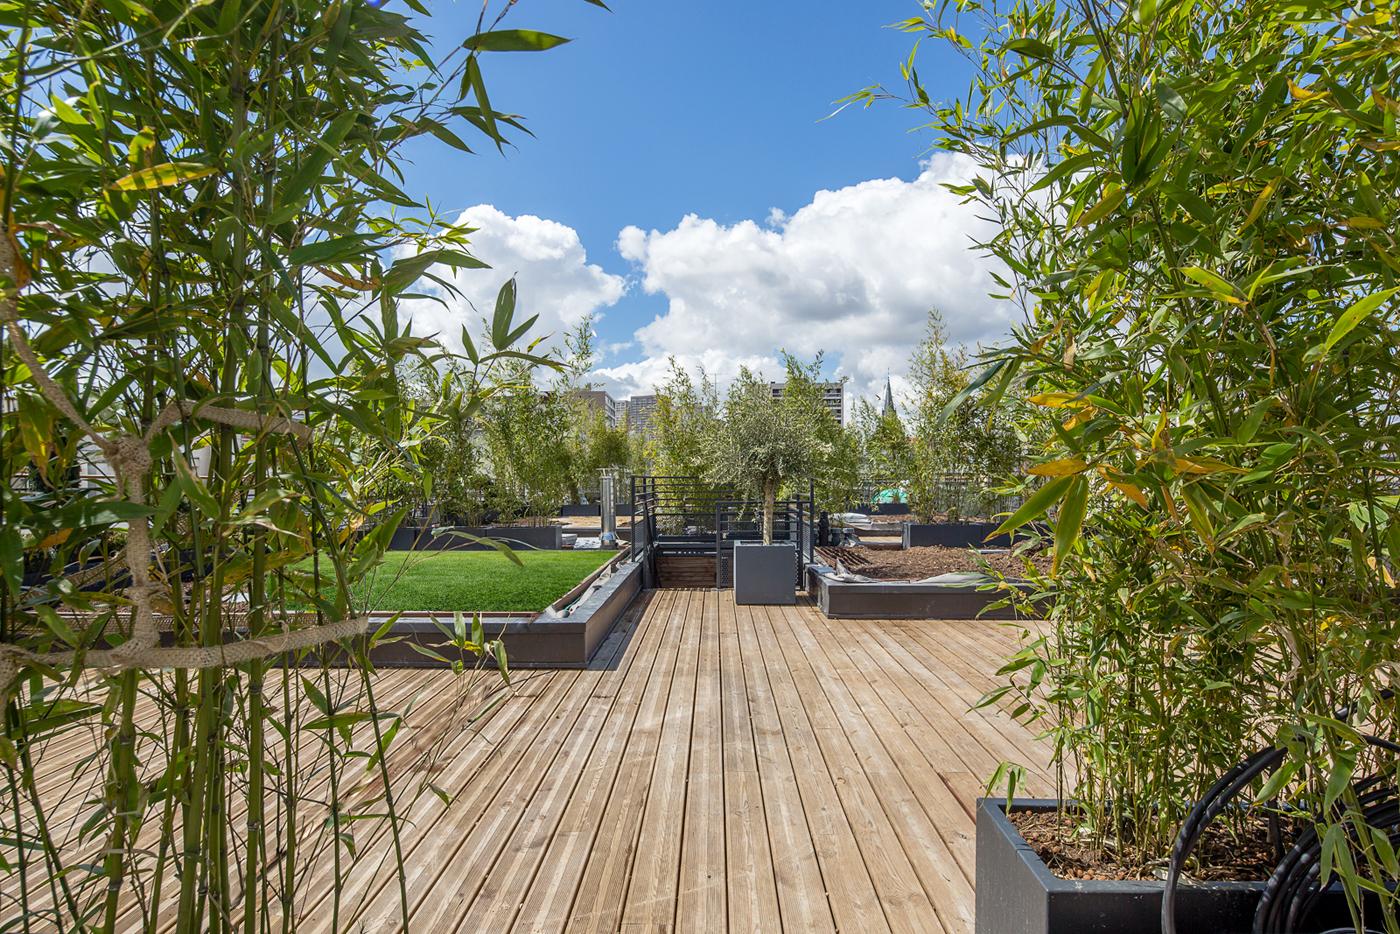 Maisons sur toit charcot paris esprimm for Terrasses en vue immobilier